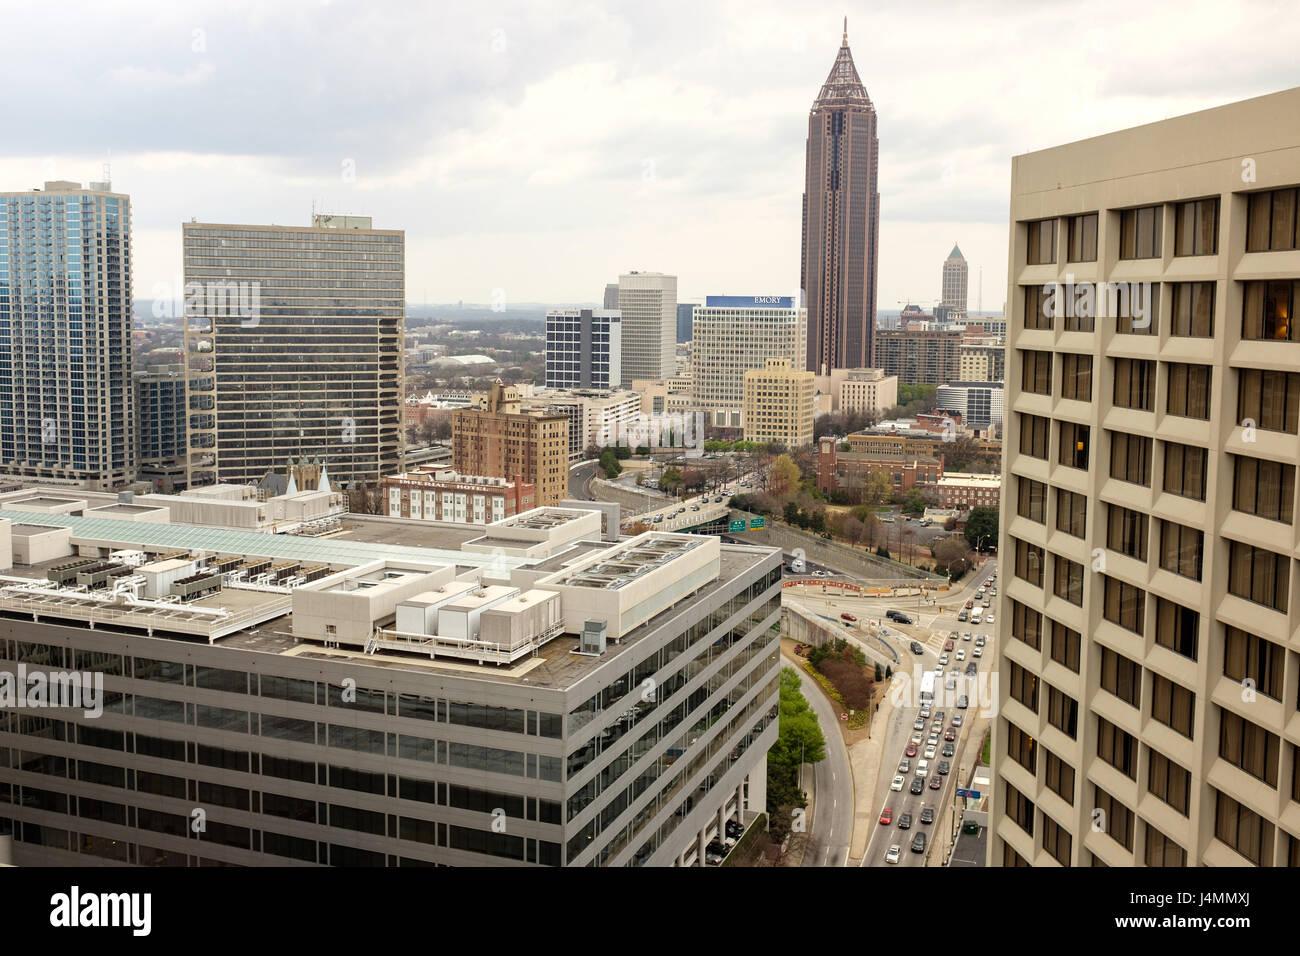 View from Hilton Hotel of Downtown Atlanta, Georgia, USA - Stock Image